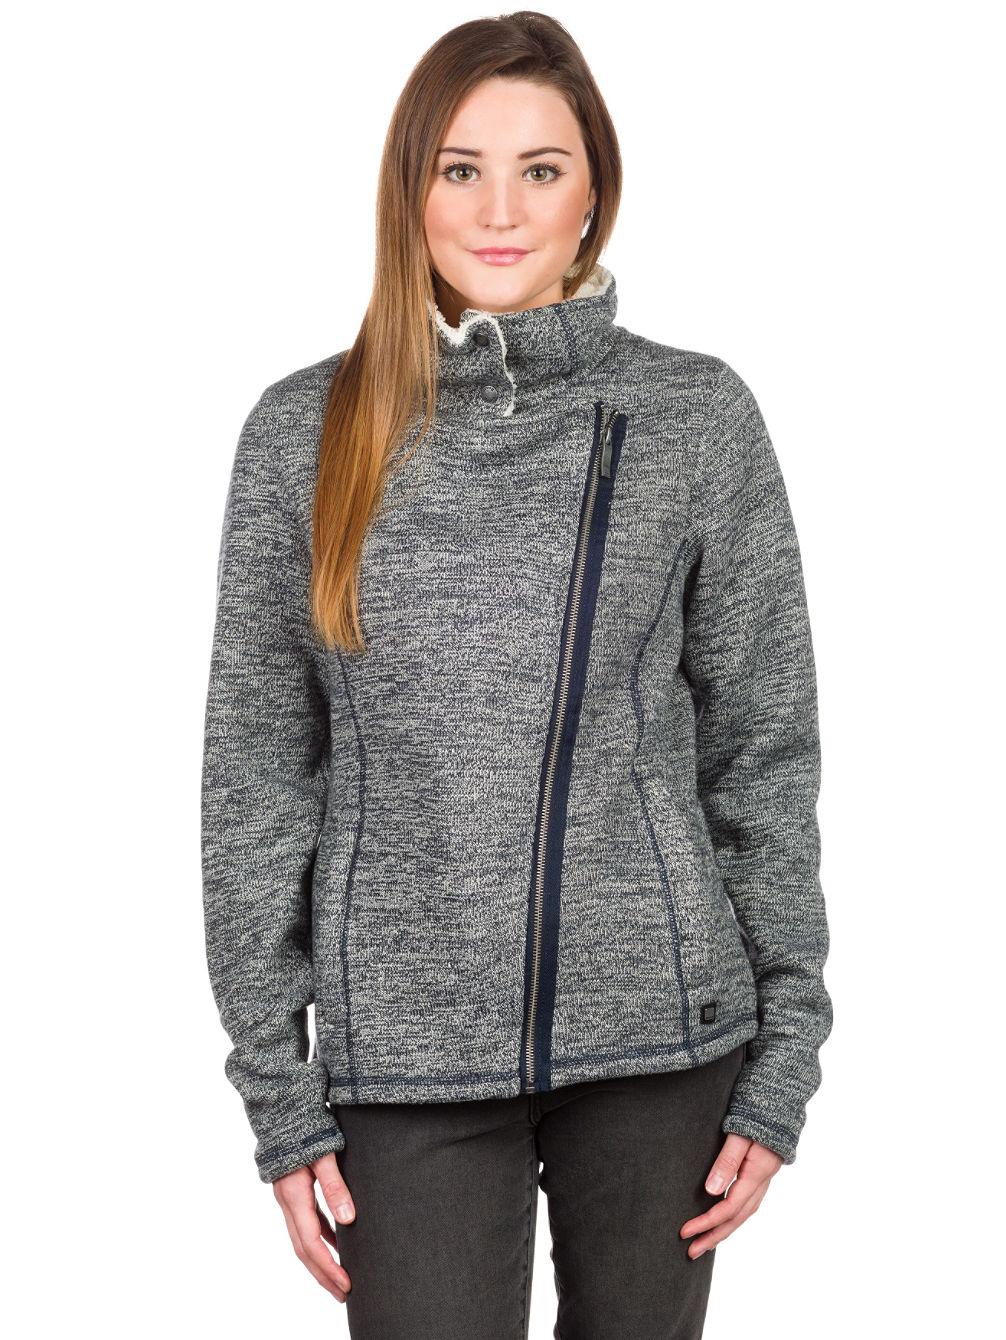 raisout-jacket